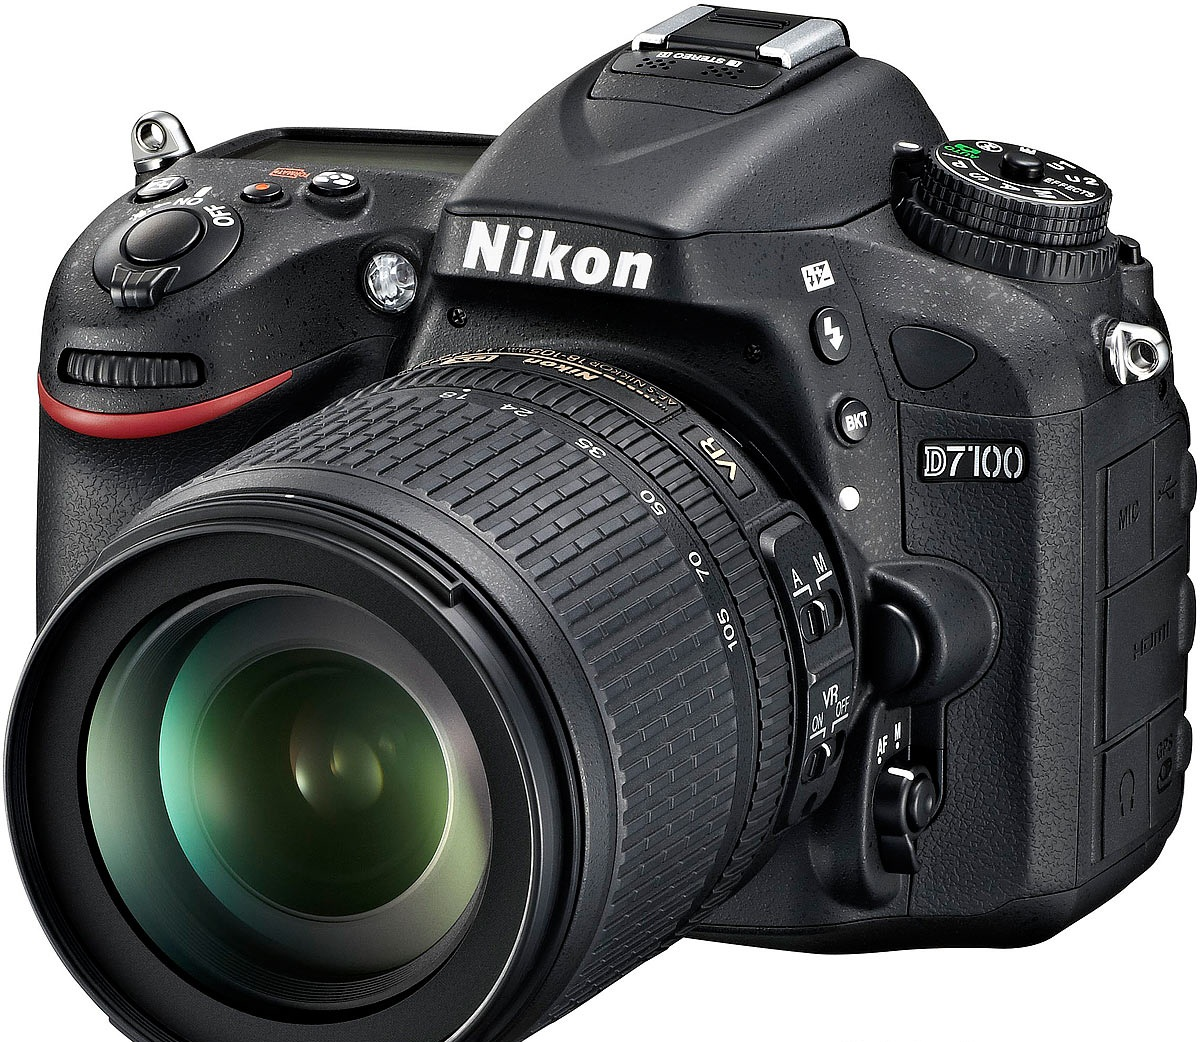 أسعار كاميرات نيكون ديجيتال فى مصر 2019